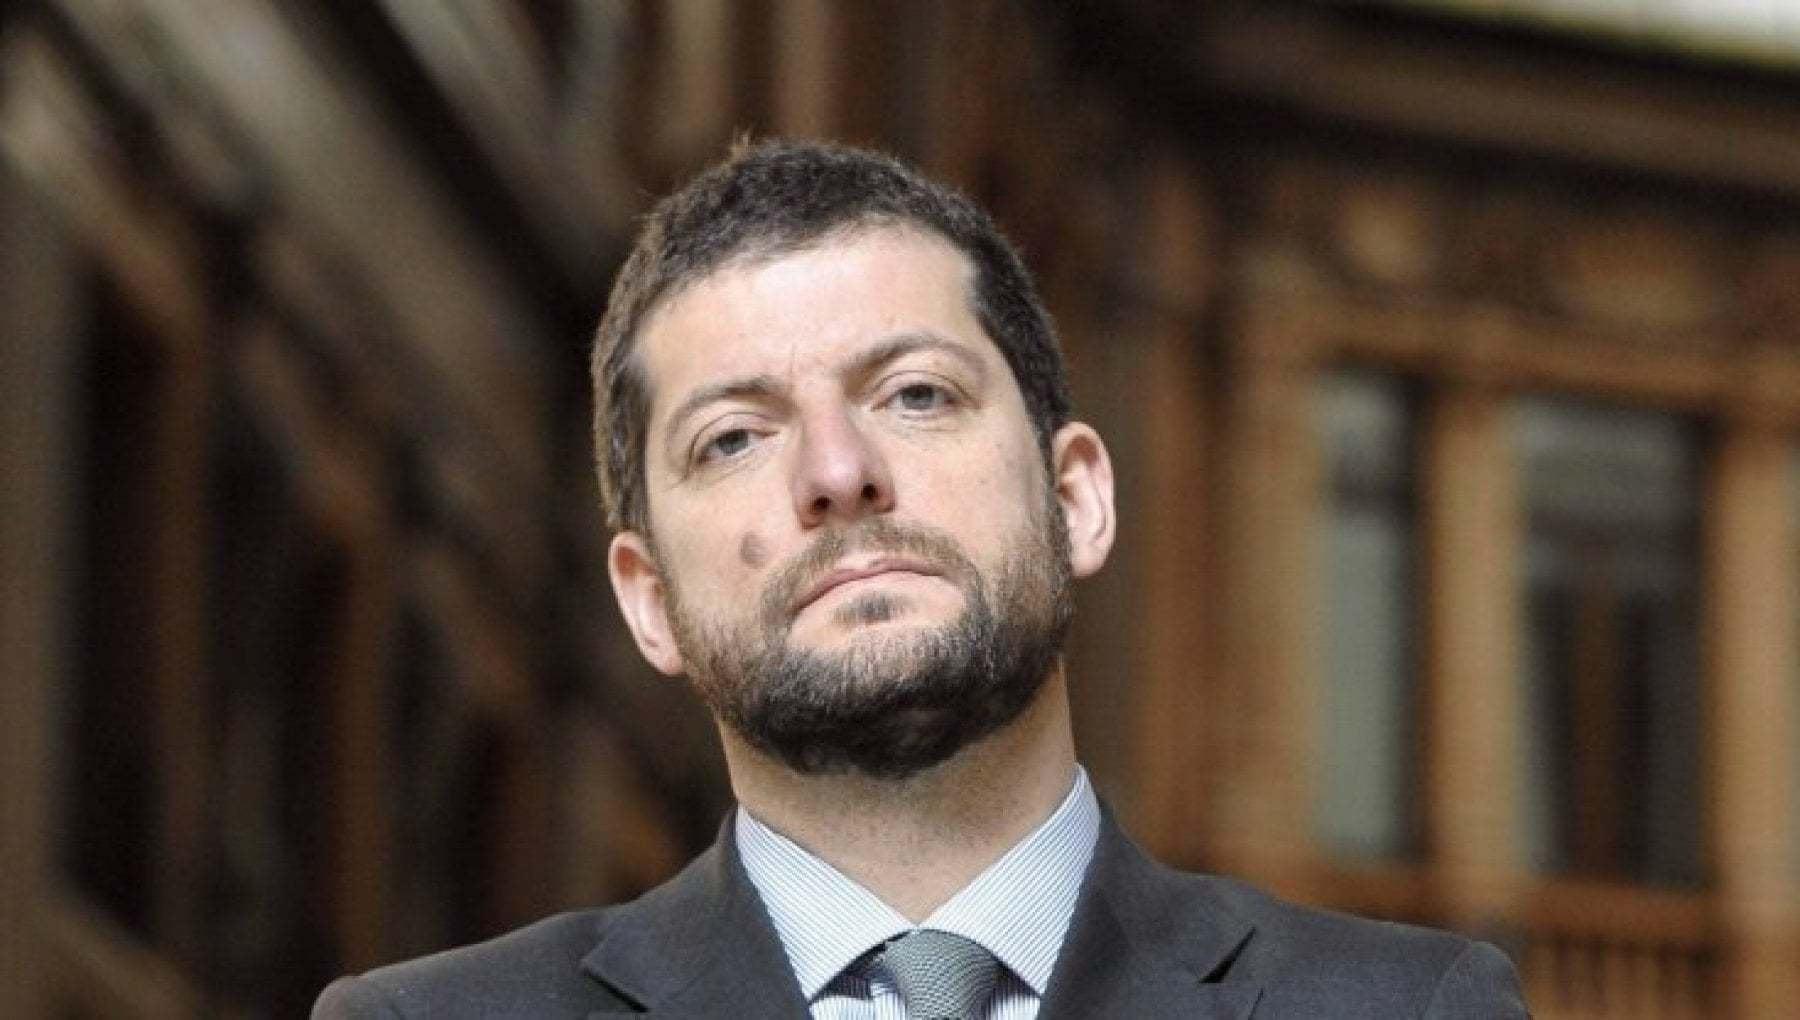 """Roma scandalo cimiteri, il dramma di Andrea Romano (Pd): """"Raggi vergognati, da due mesi non riesco a seppellire mio figlio"""". La sindaca convoca Ama"""